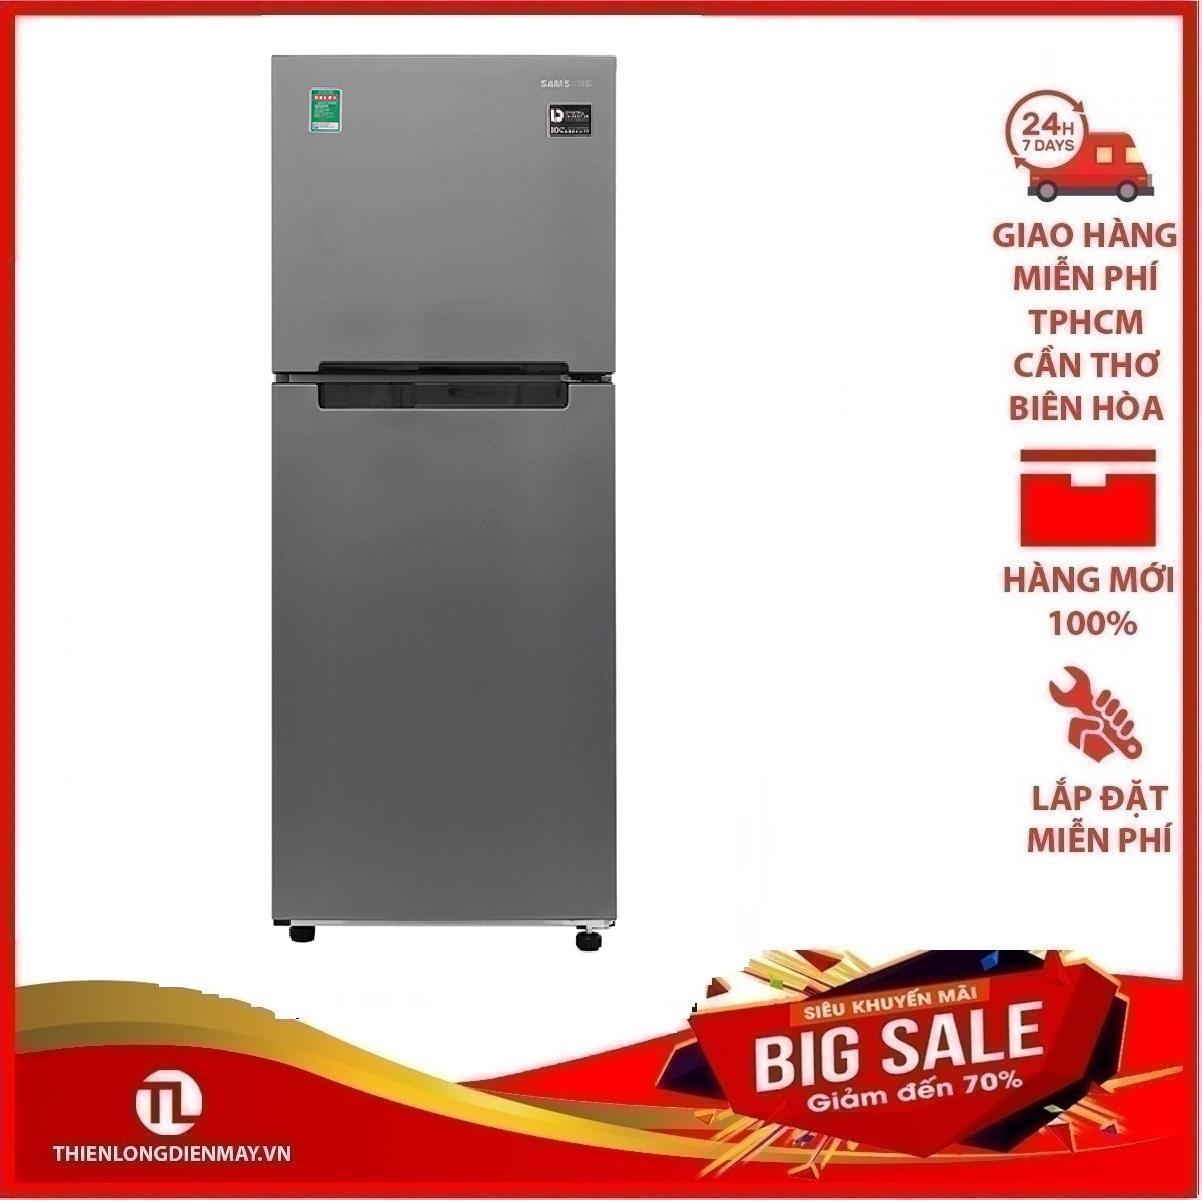 Tủ lạnh Samsung Inverter 208 lít RT19M300BGS/SV, Công nghệ Deodorizer kháng khuẩn, khử mùi, làm lạnh hiệu quả với luồng khí lạnh đa chiều – Bảo hành 12 tháng.